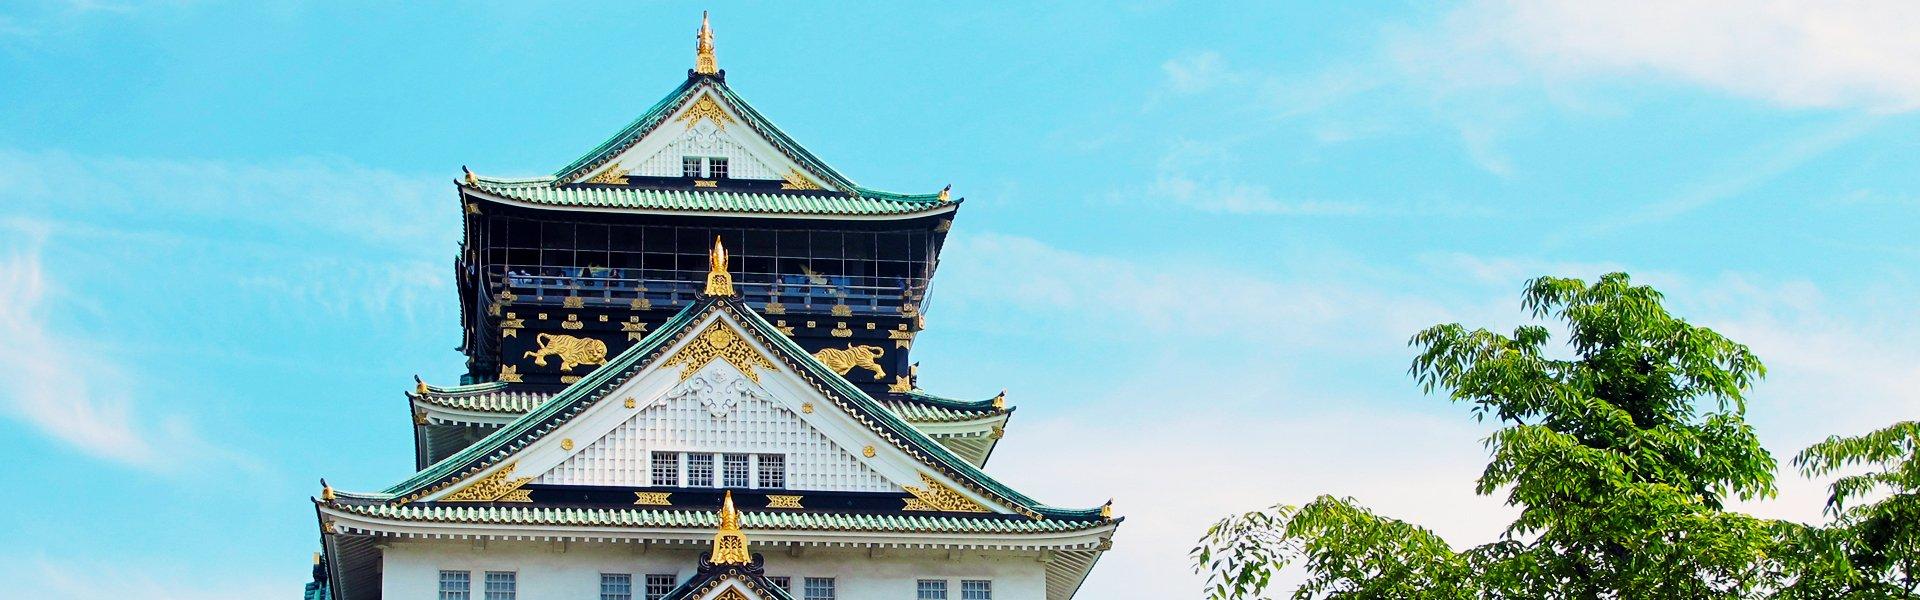 Kasteel van Osaka, Japan